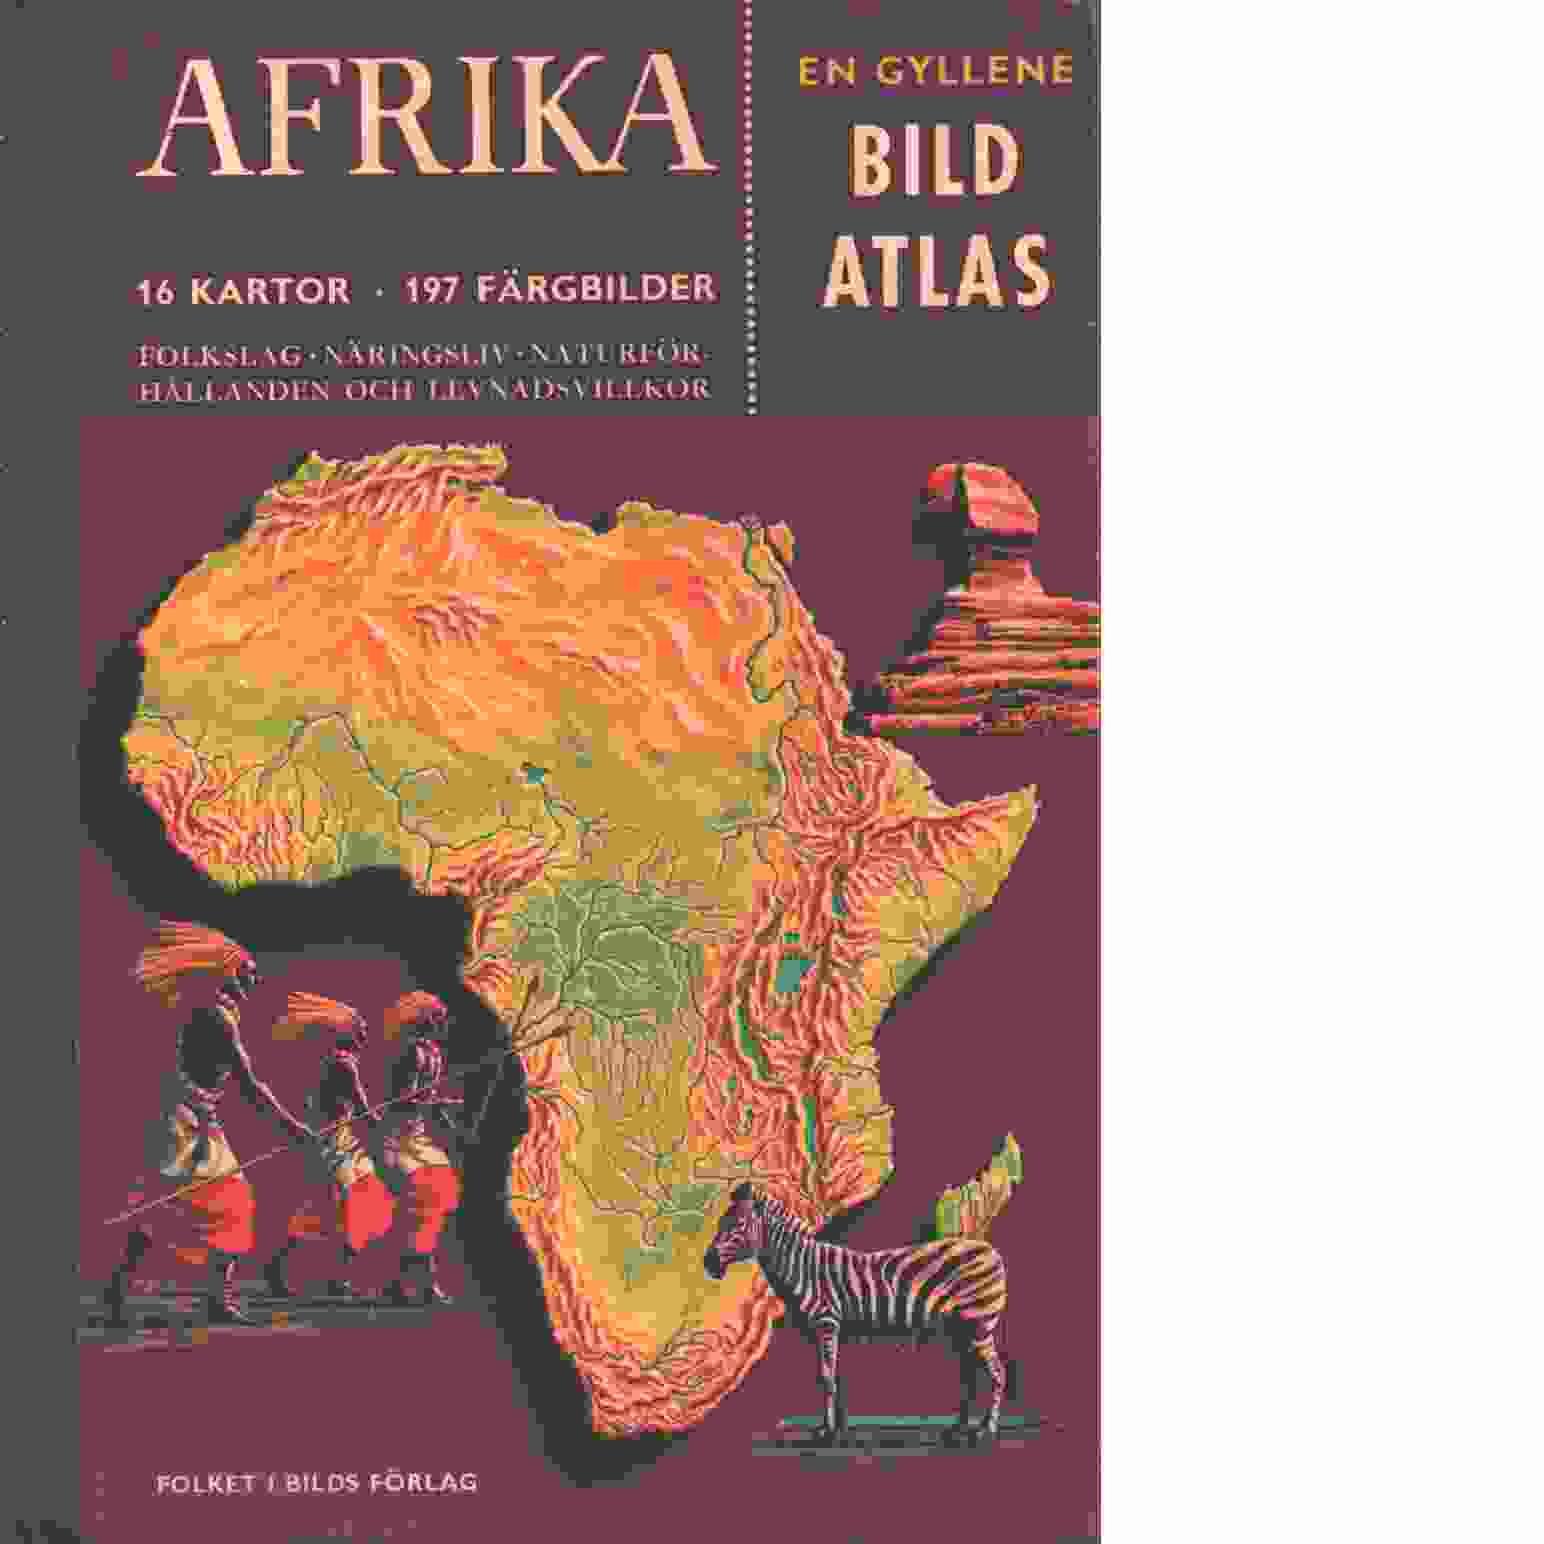 FIB:s gyllene bildatlas. 1, Afrika - Red. Bacon, Phillip och Lobsenz, Norman